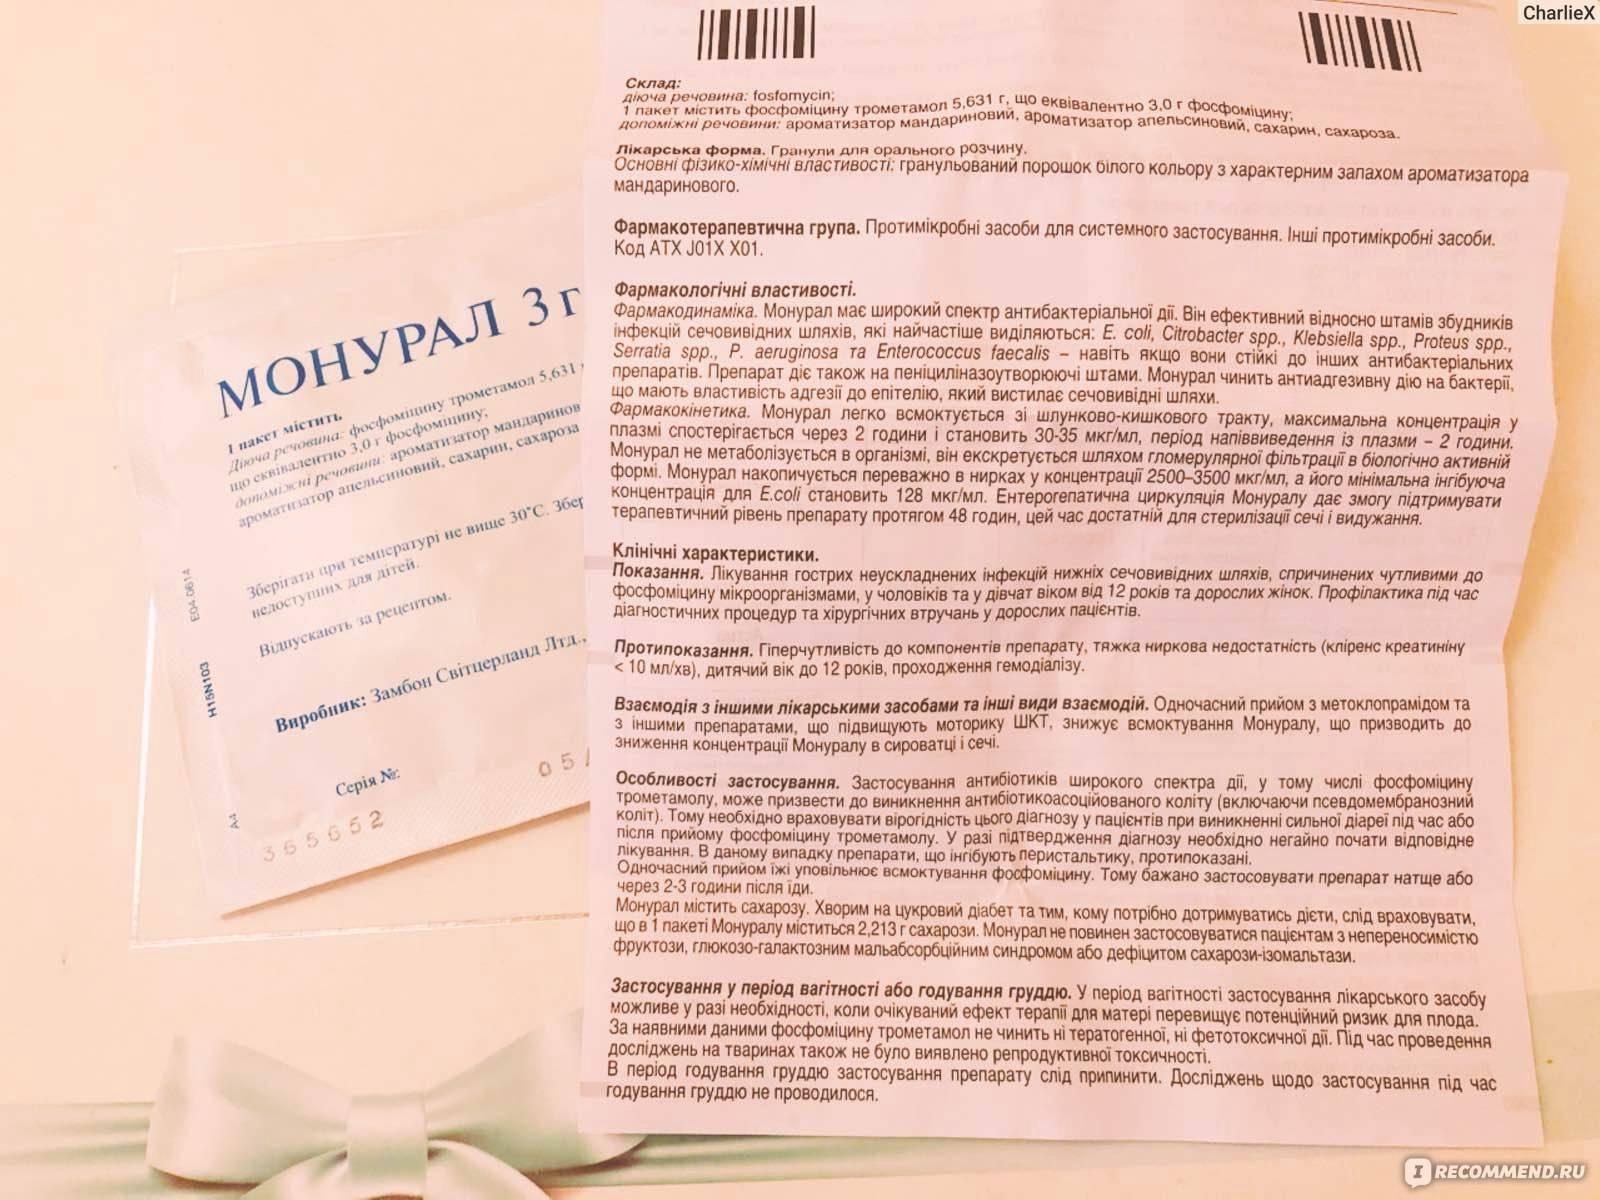 Монурал при цистите - как принимать и дозировка для детей и взрослых,противопоказания и отзывы